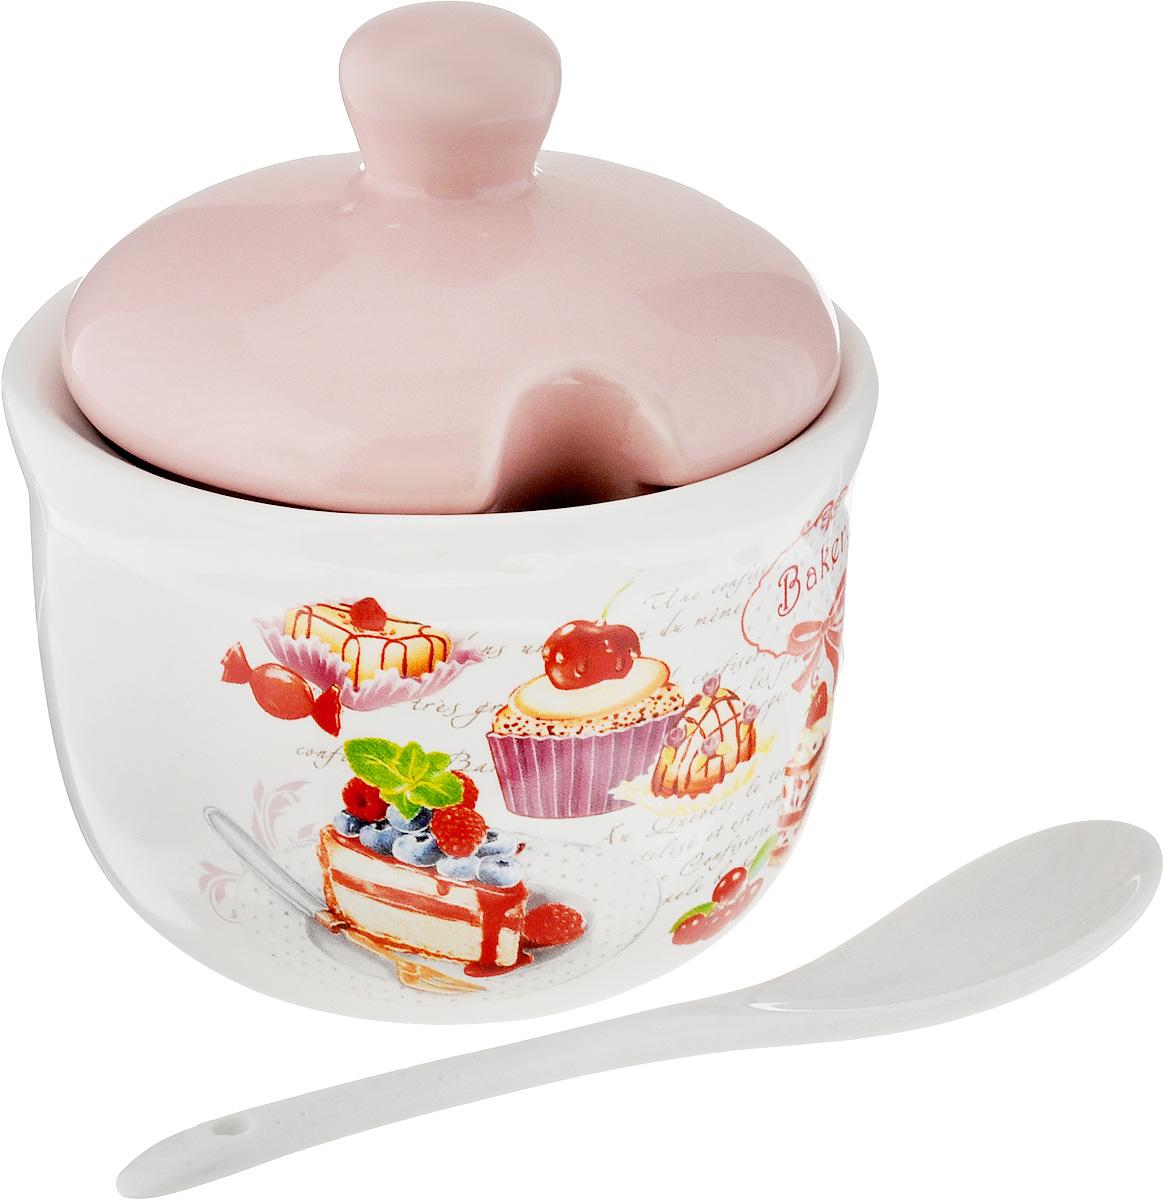 Сахарница ENS Group Бисквит, с ложкой, цвет: розовый, белый, 300 мл, 2 предмета. L3170209115610Сахарница ENS Group Бисквит с крышкой и ложкой изготовлена из керамики и украшена ярким рисунком.Емкость универсальна, подойдет как для сахара, так и для специй или меда. Высота (без учета крышки): 7 см.Высота (с крышкой): 10,5 см.